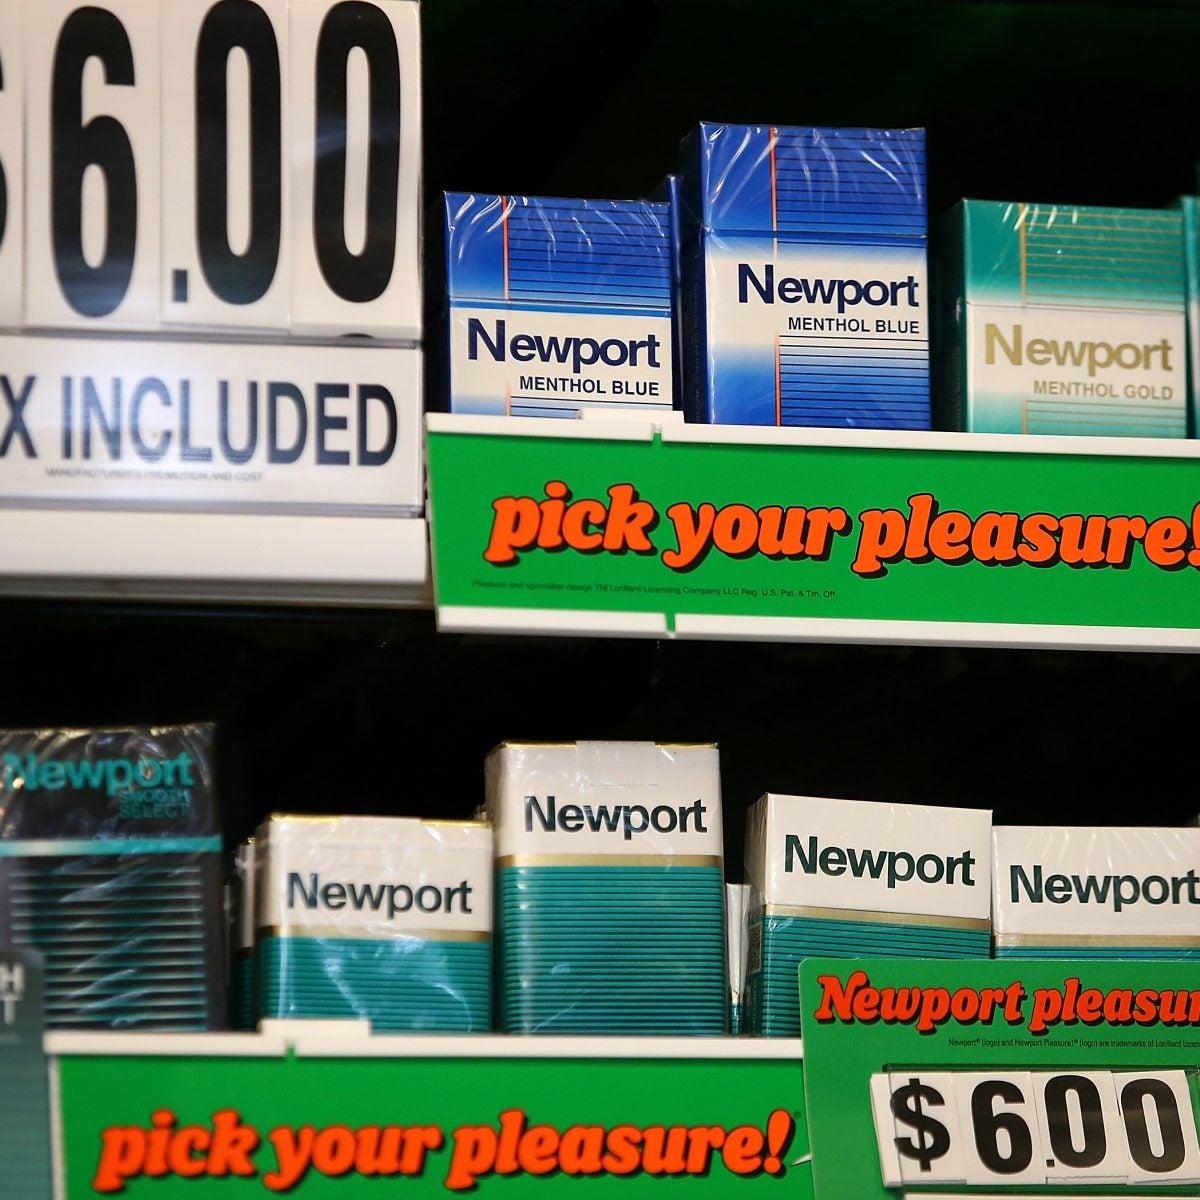 FDA Proposes Ban of Menthol Cigarettes